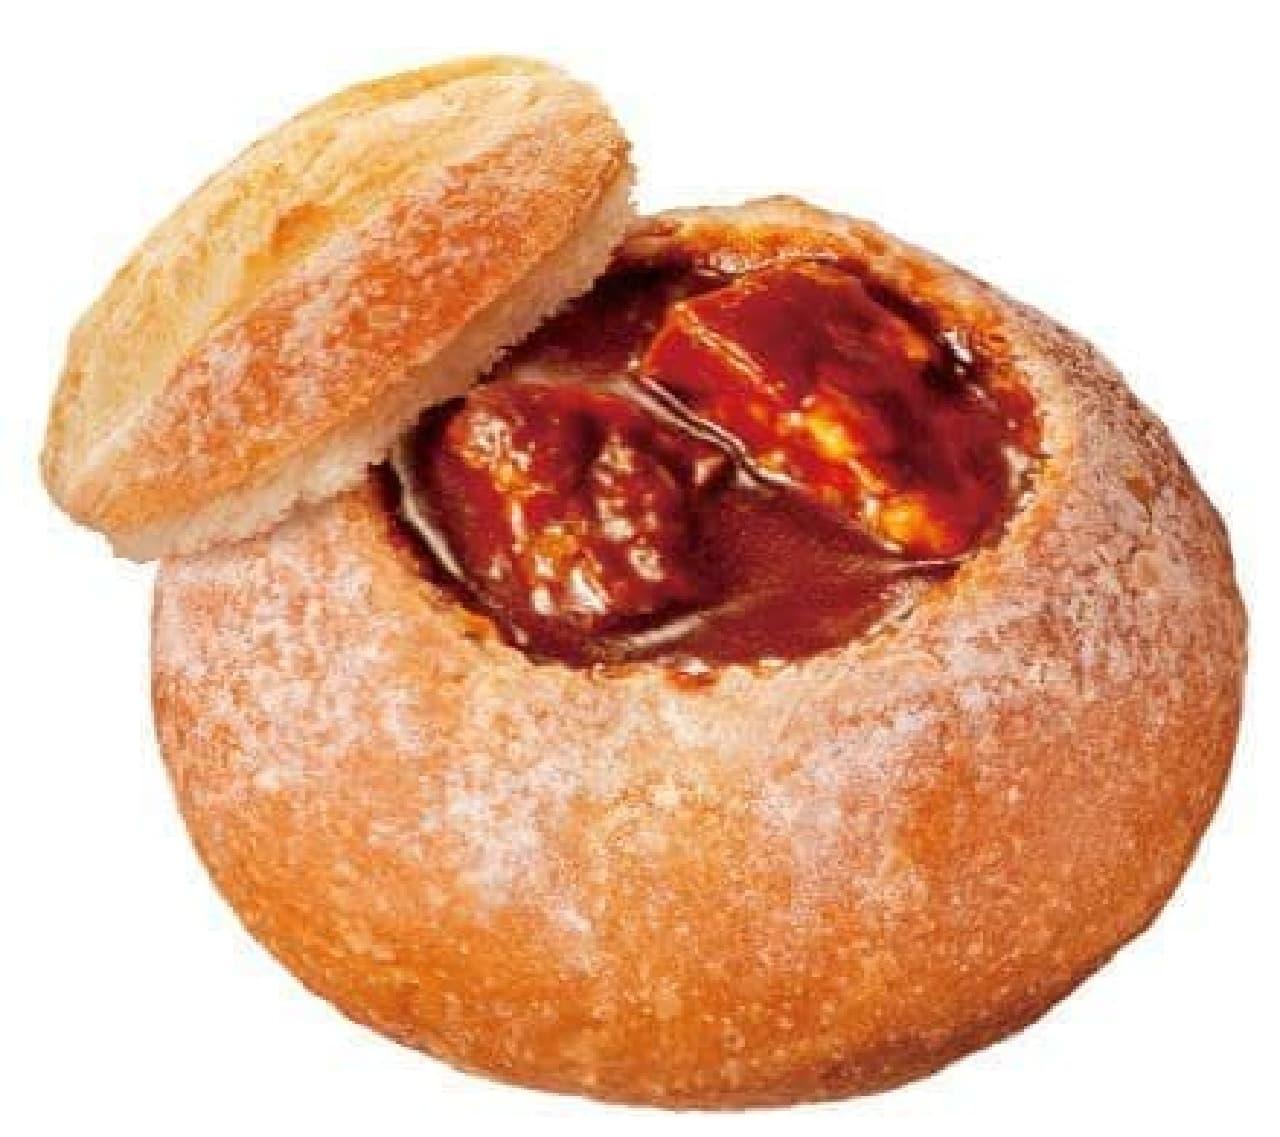 「ビーフシチュー」は、旨みとコクが詰まった本格的なビーフシチューが入ったスープパン